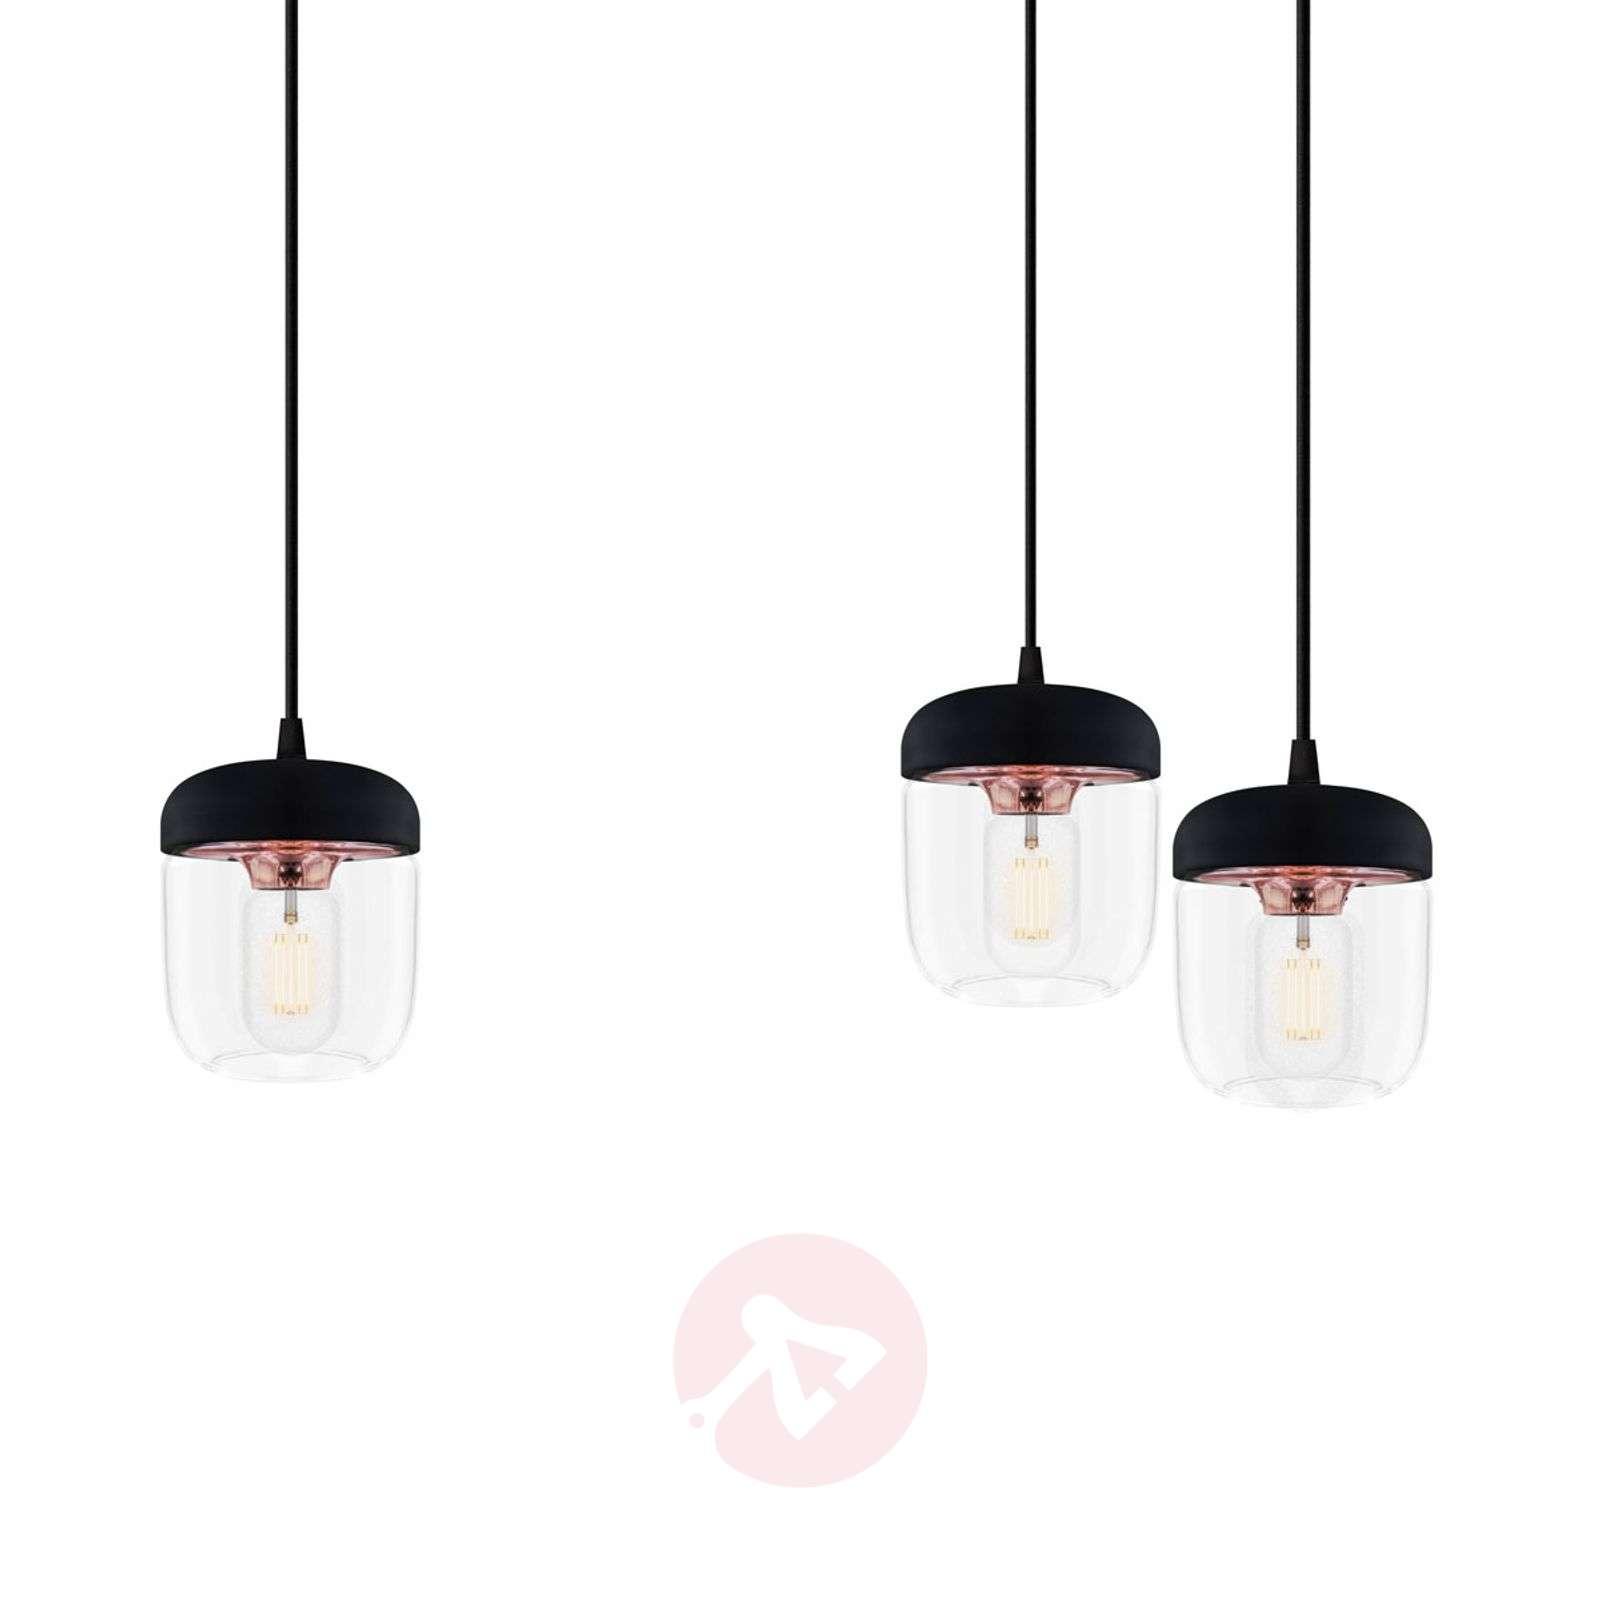 Kolmilamppuinen riippuvalaisin Acorn musta, kupari-9521098-01